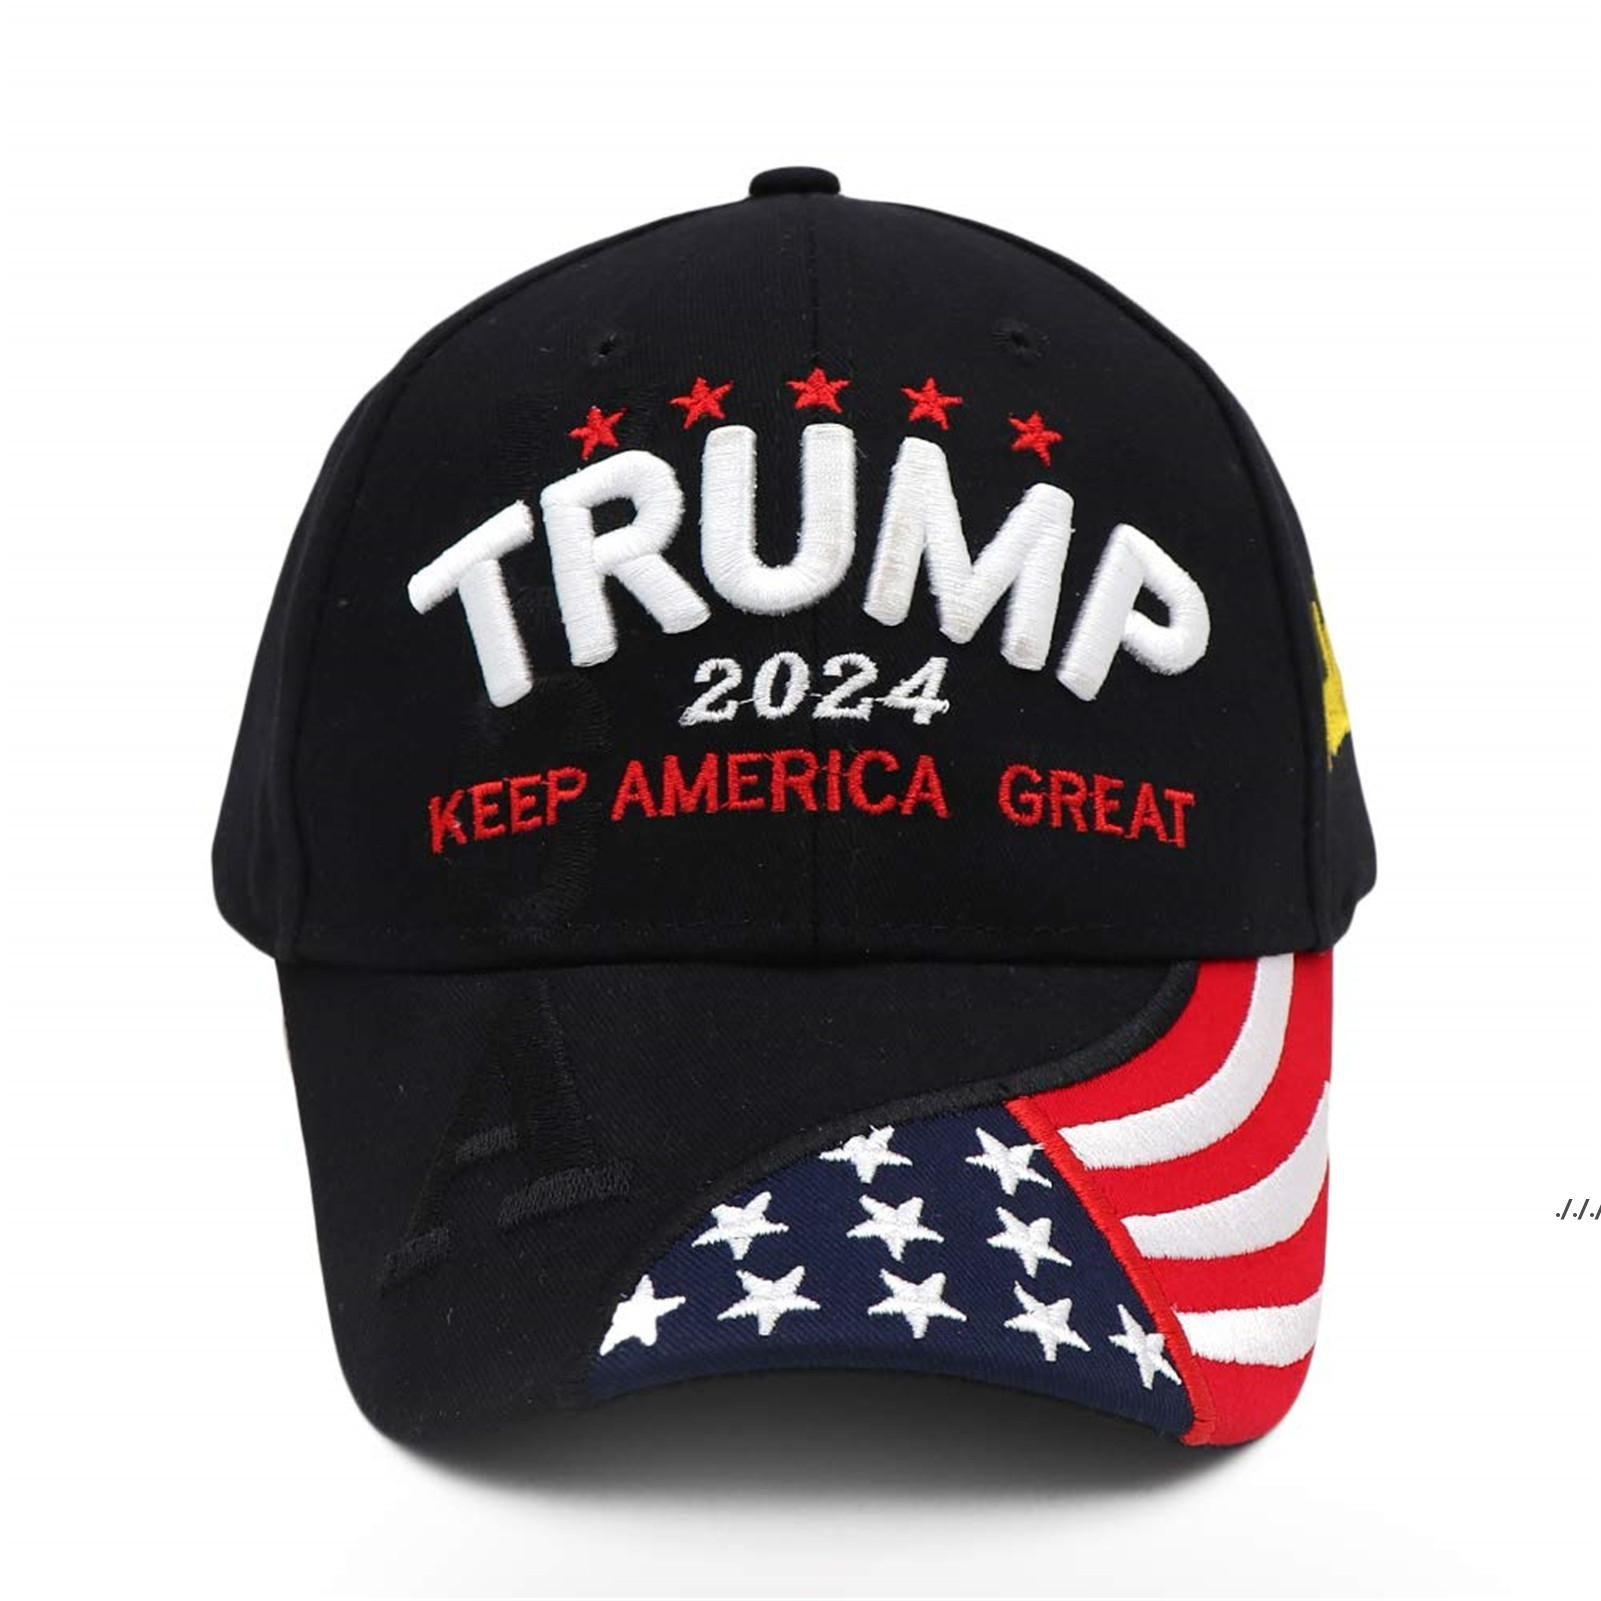 2024 رامب الانتخابات الرئاسية الانتخابات الرئاسية كاب ترامب قبعة بيسبول كاب قابل للتعديل سرعة انتعاش القطن الرياضية كاب DWF5983